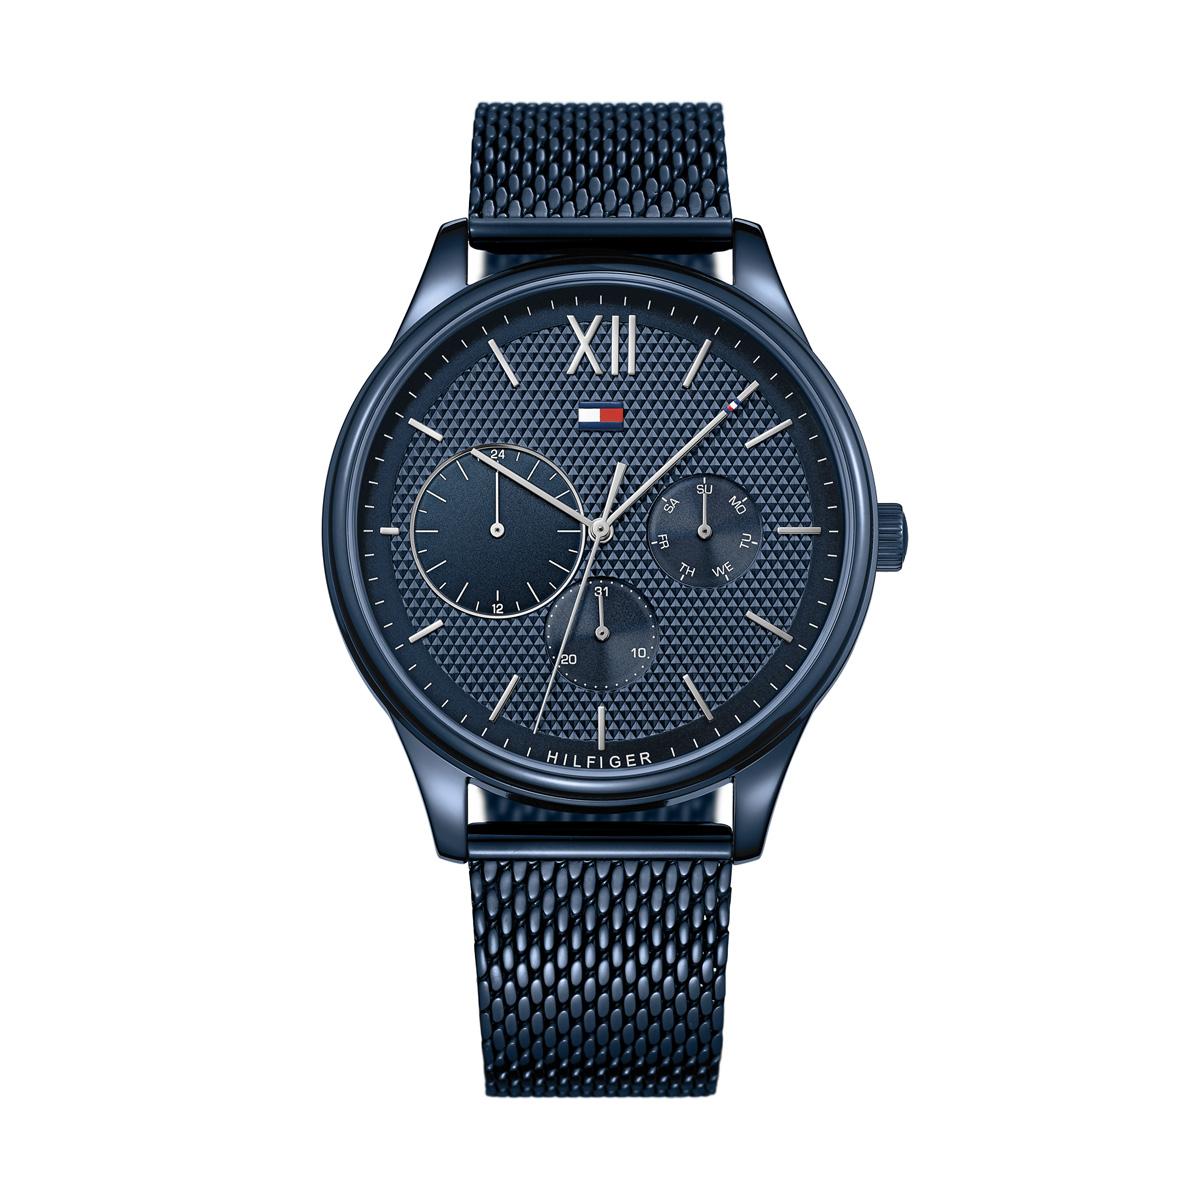 f0654343c55 Relógio TOMMY HILFIGER Damon Azul 1791421. Adicionar à Lista de Desejos  Remover da Lista de Desejos